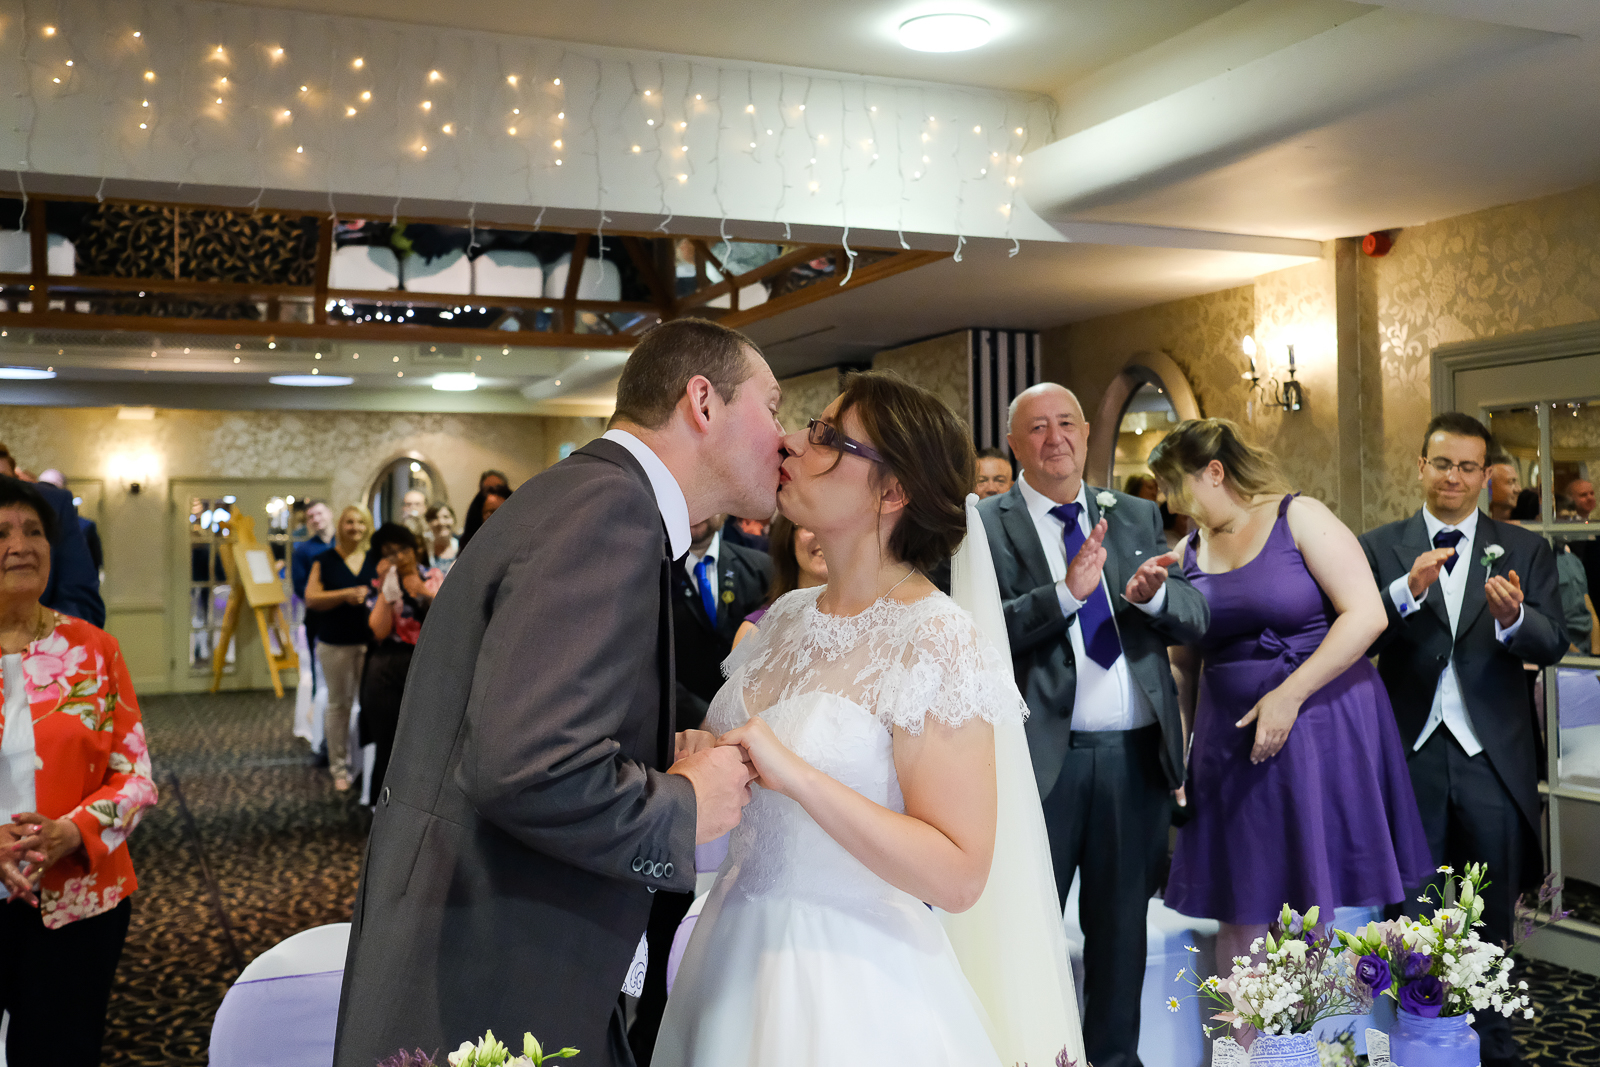 Belmont Hotel Wedding in Leicester 025.jpg